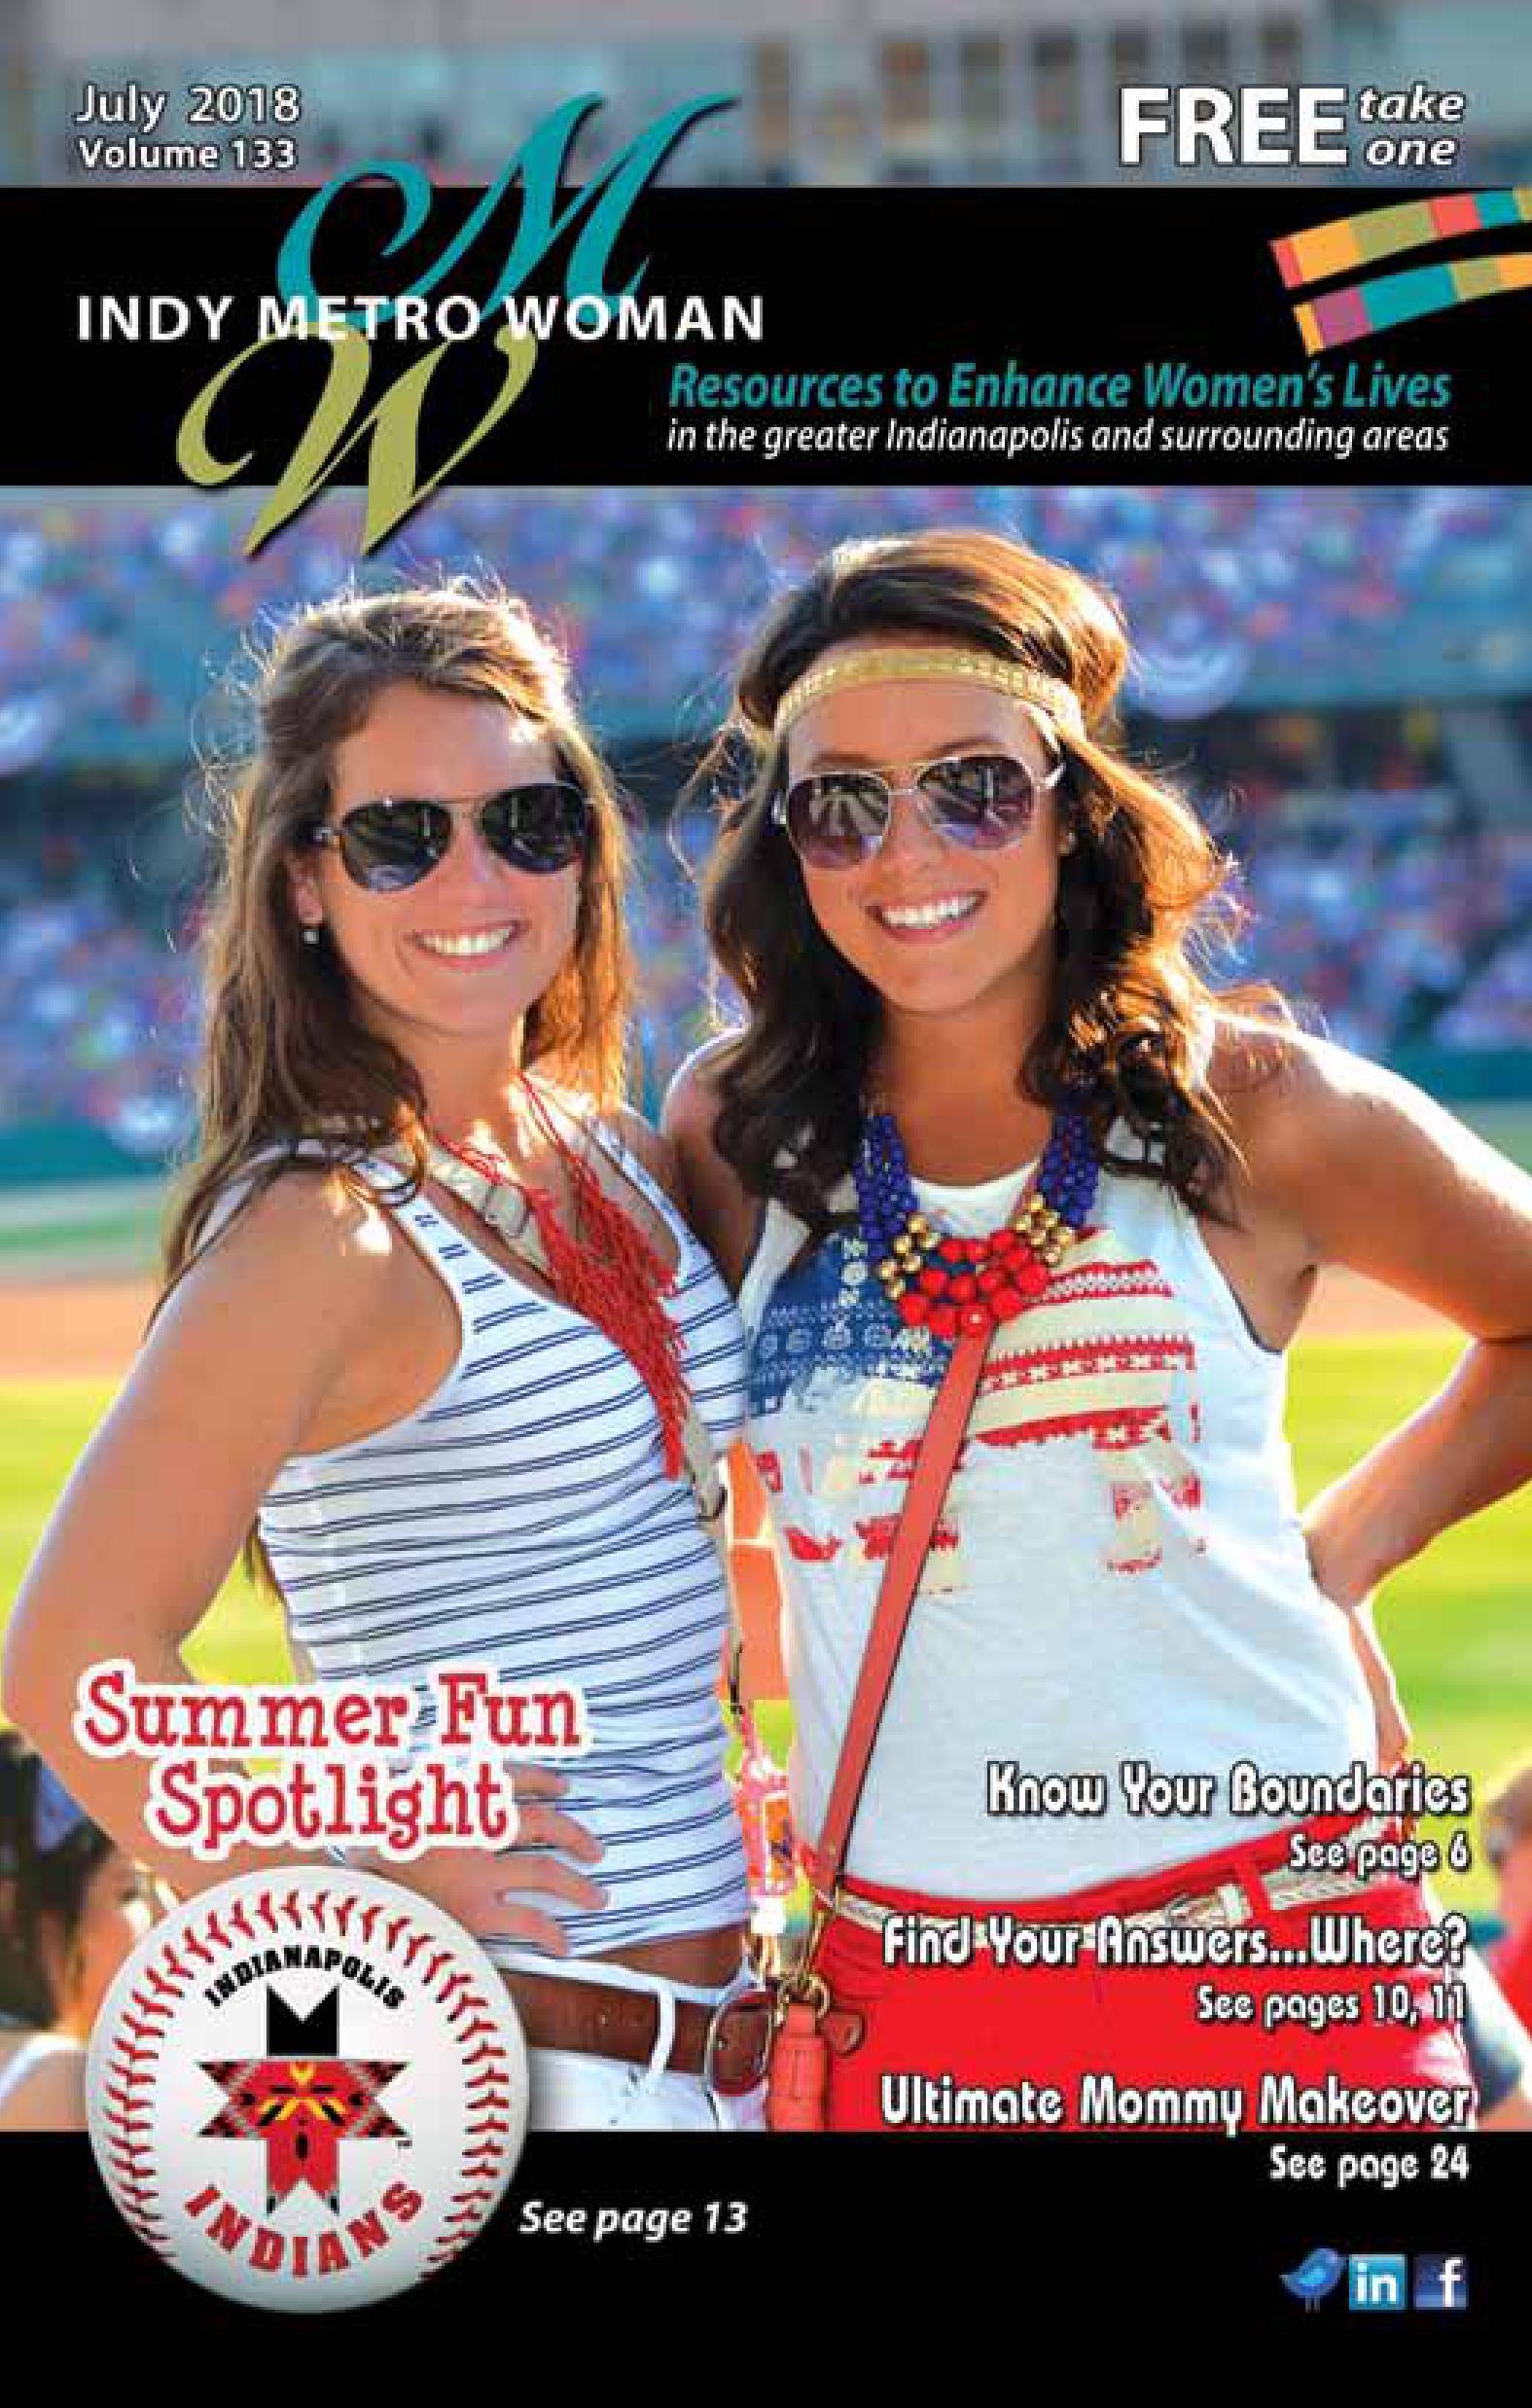 IMW July cover.jpg